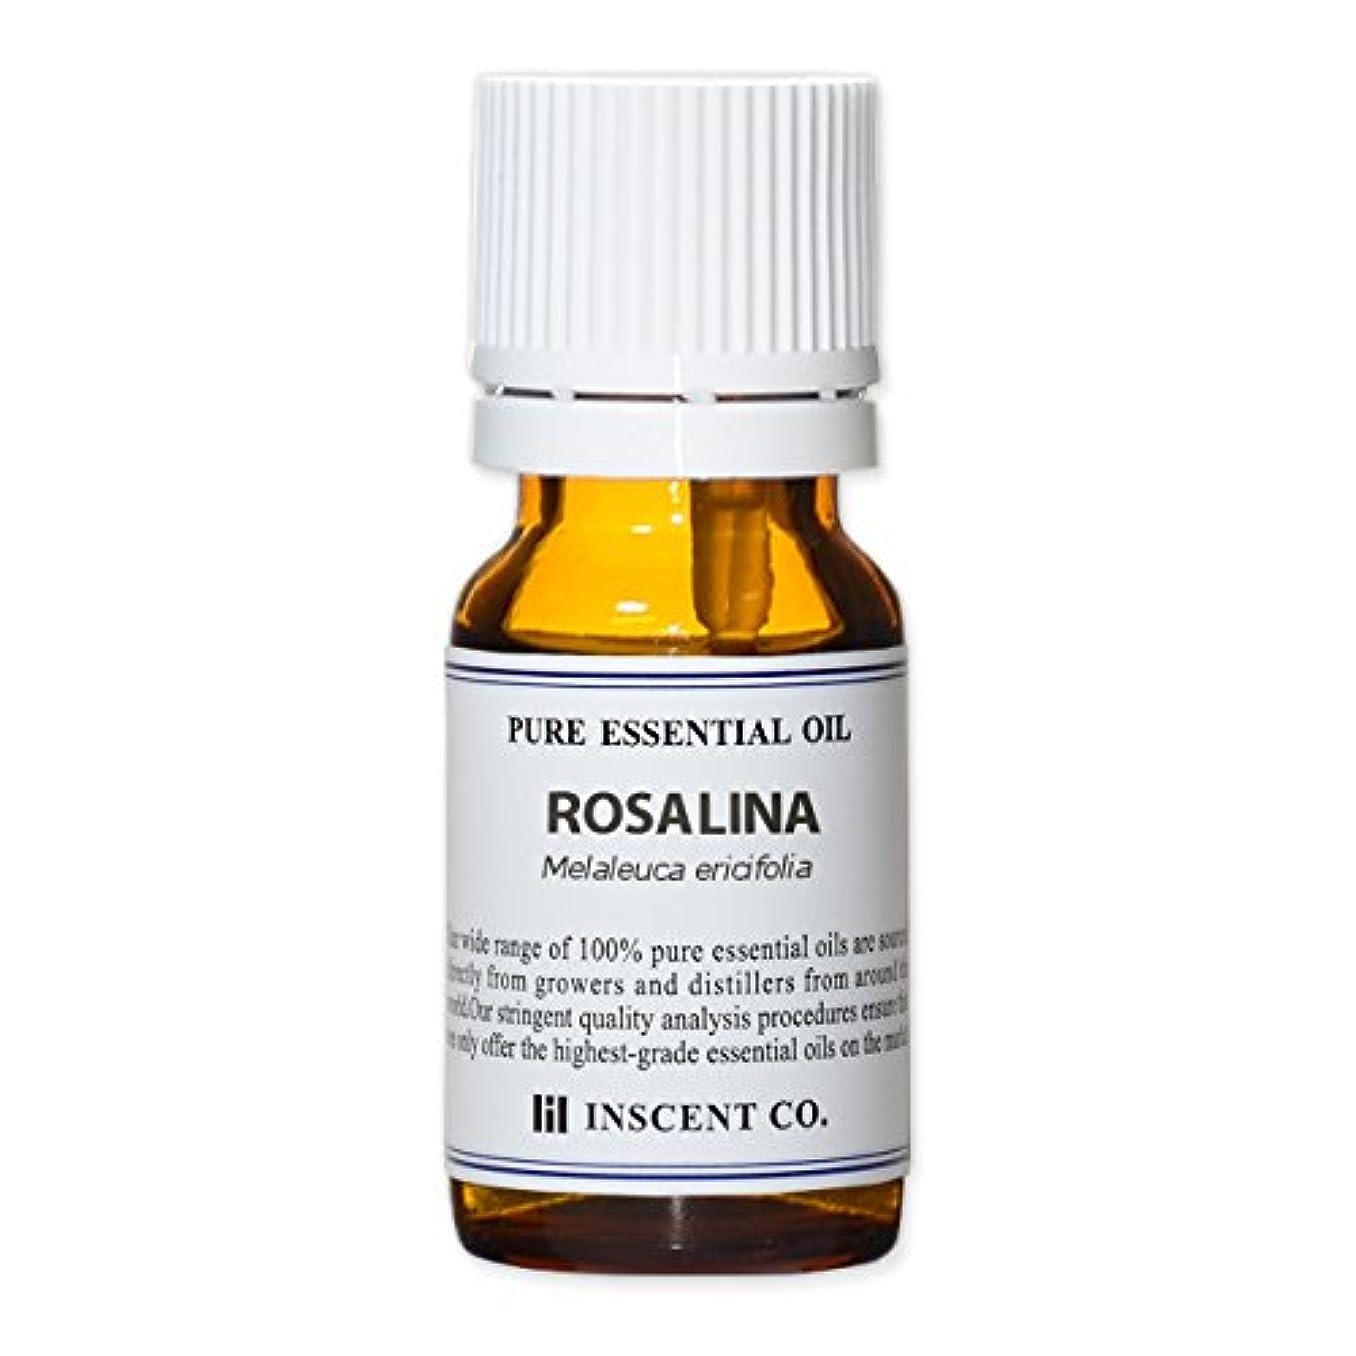 ぼろ祝福するスロットロザリナ (ラベンダーティートリー) 10ml インセント エッセンシャルオイル 精油 アロマオイル